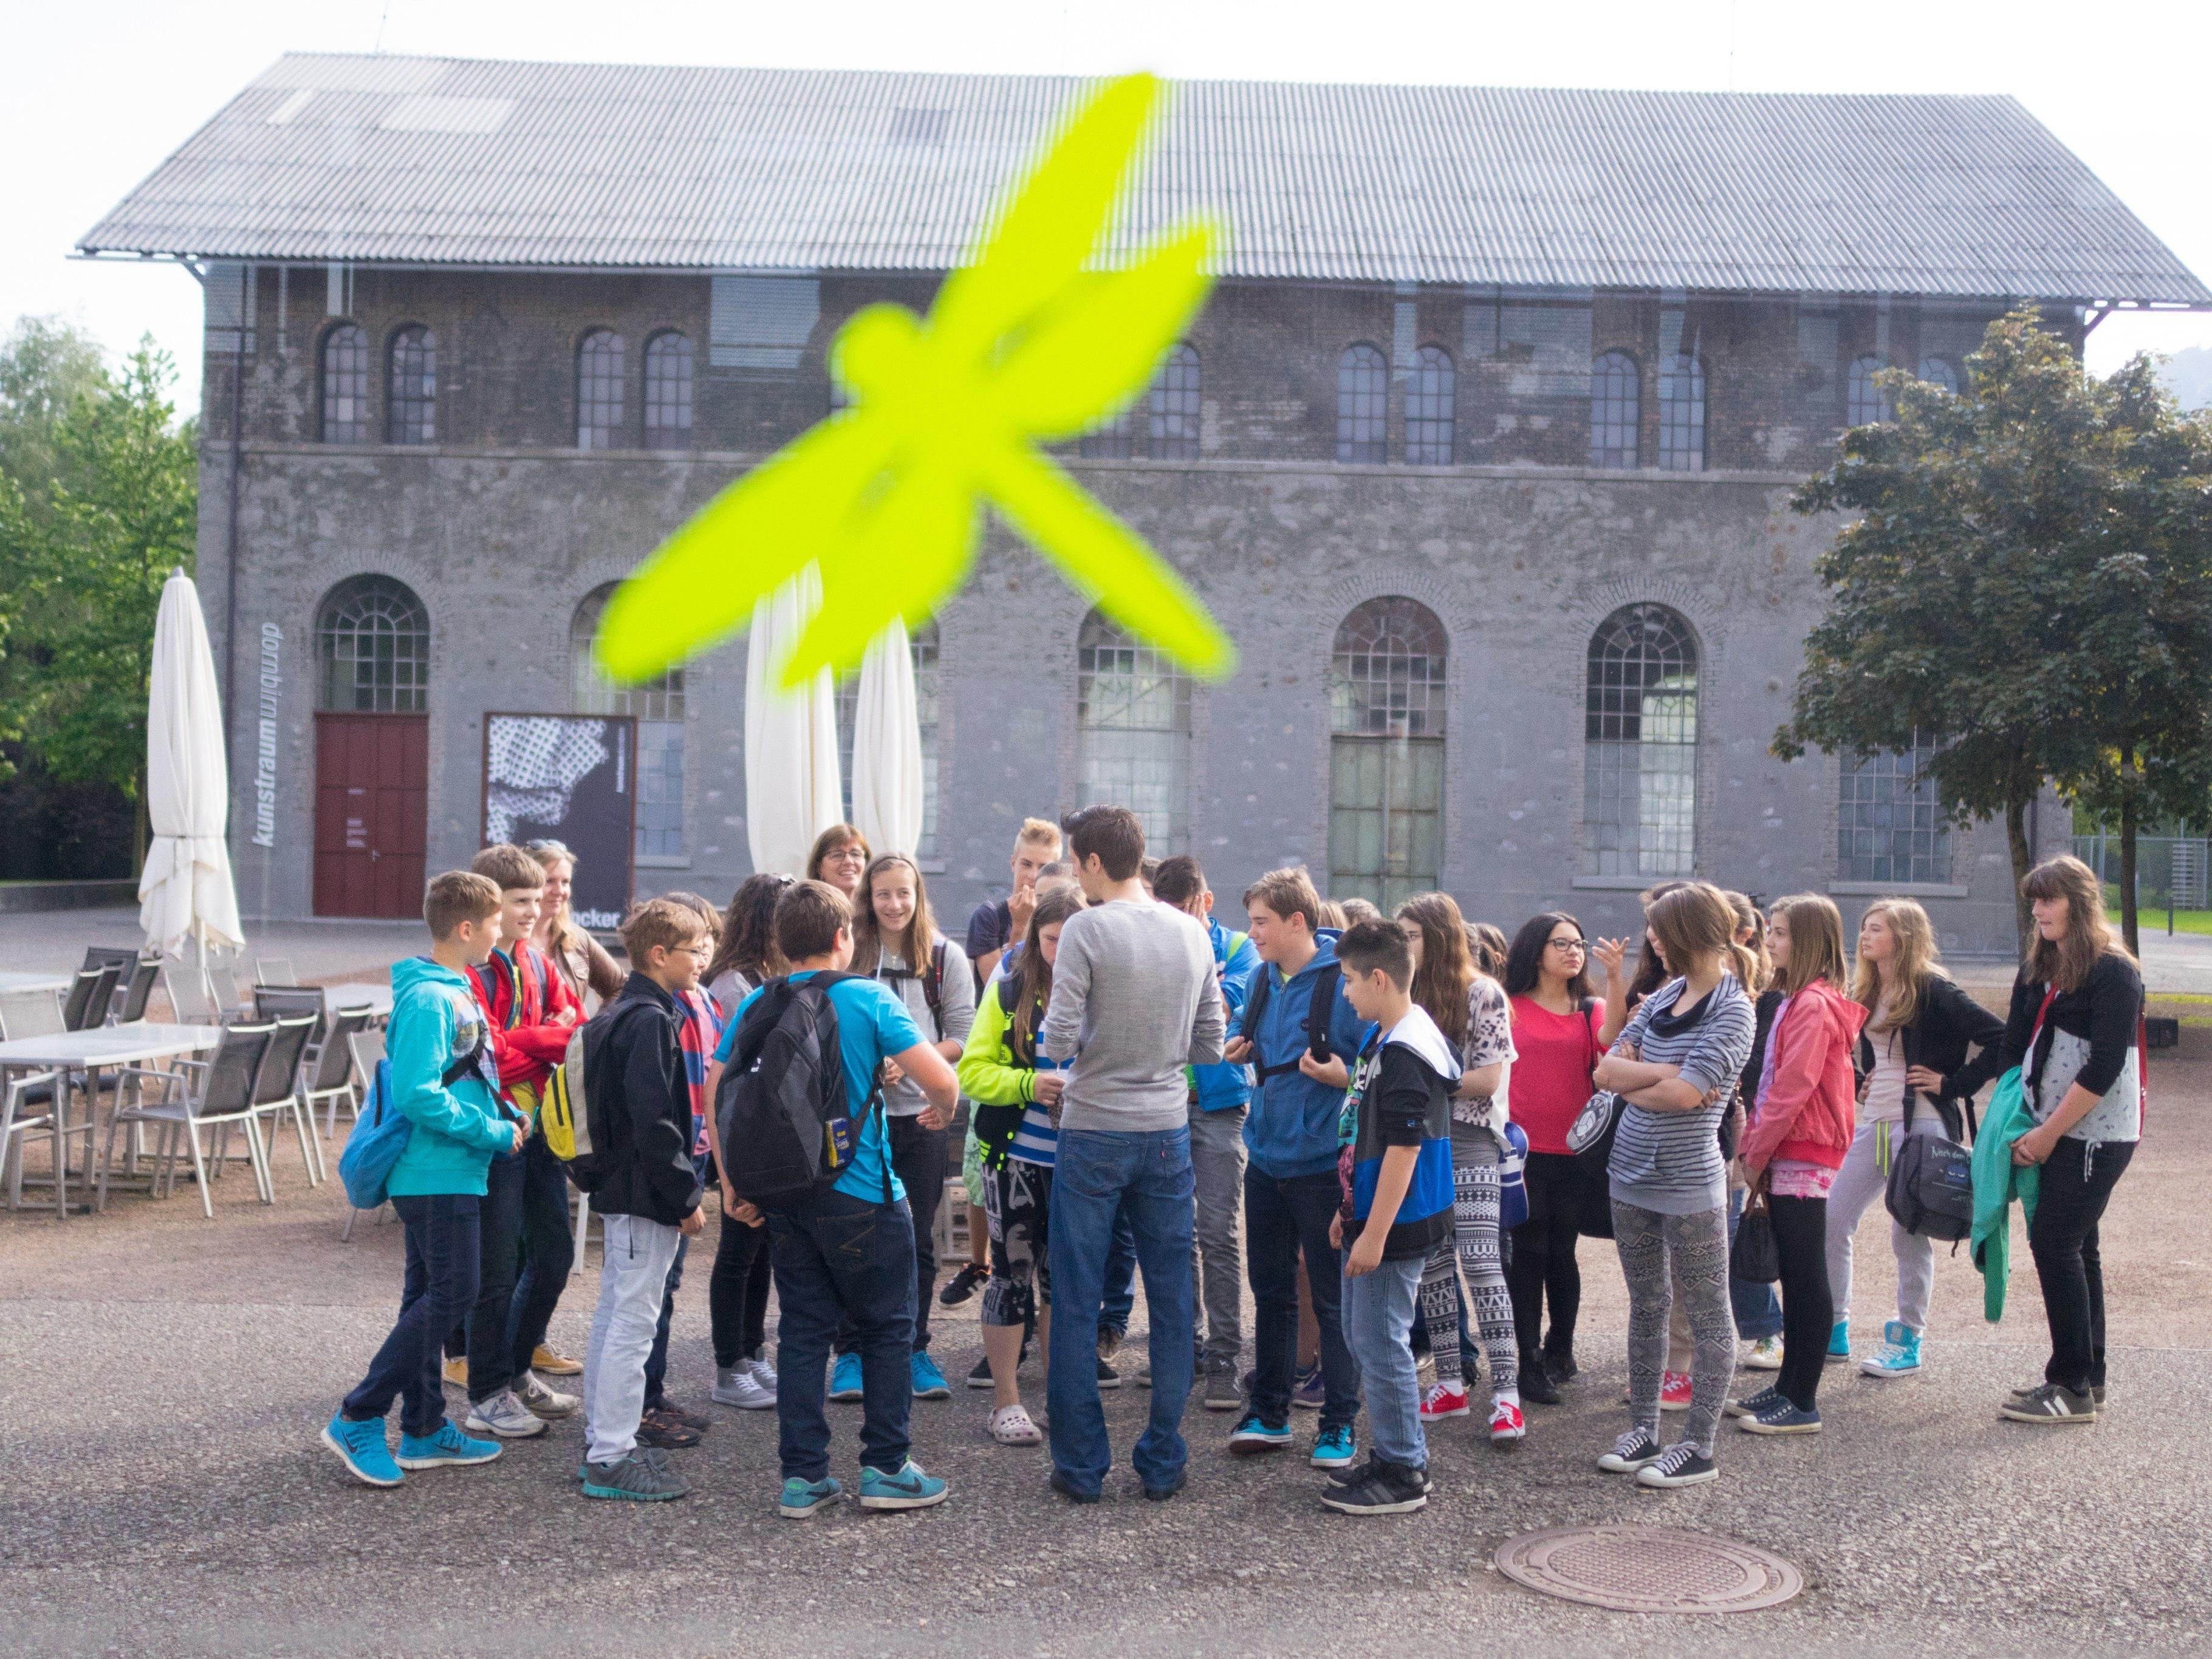 Die Vorarlberger Museen, zum Beispiel das inatura in Dornbirn, freuten sich über viele junge Besucher.